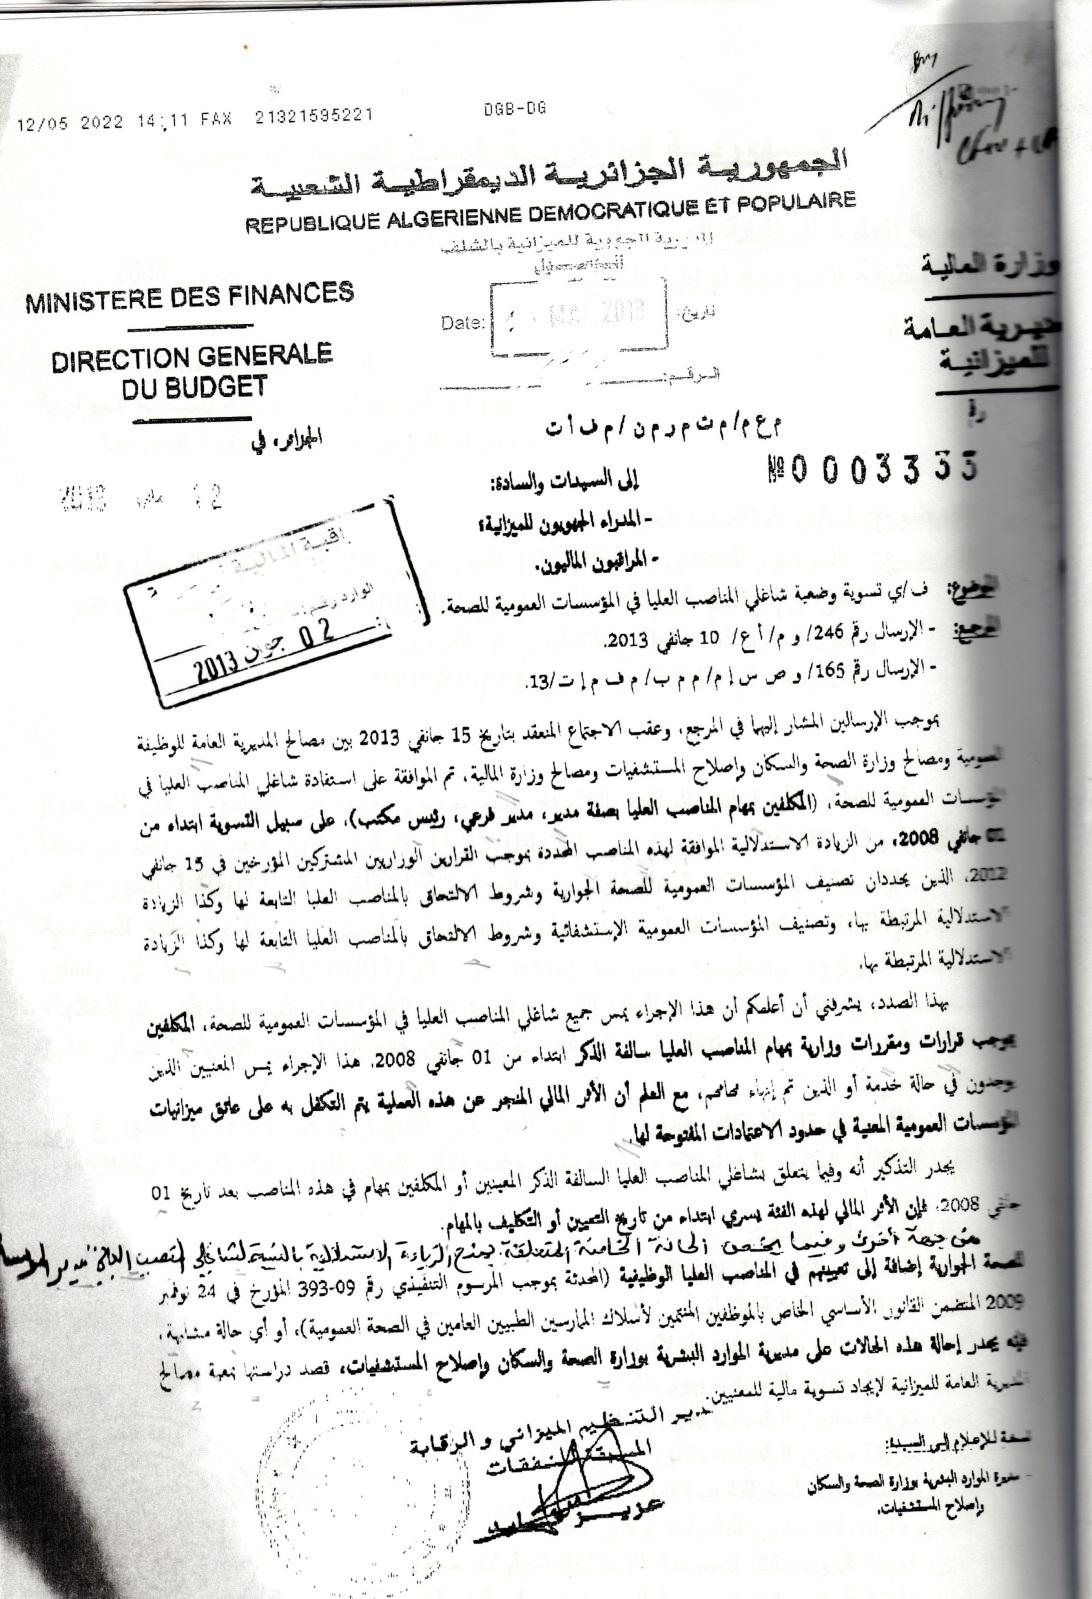 المراسلات الصادرة عن المديرية العامة للميزانية - صفحة 2 206hm5k